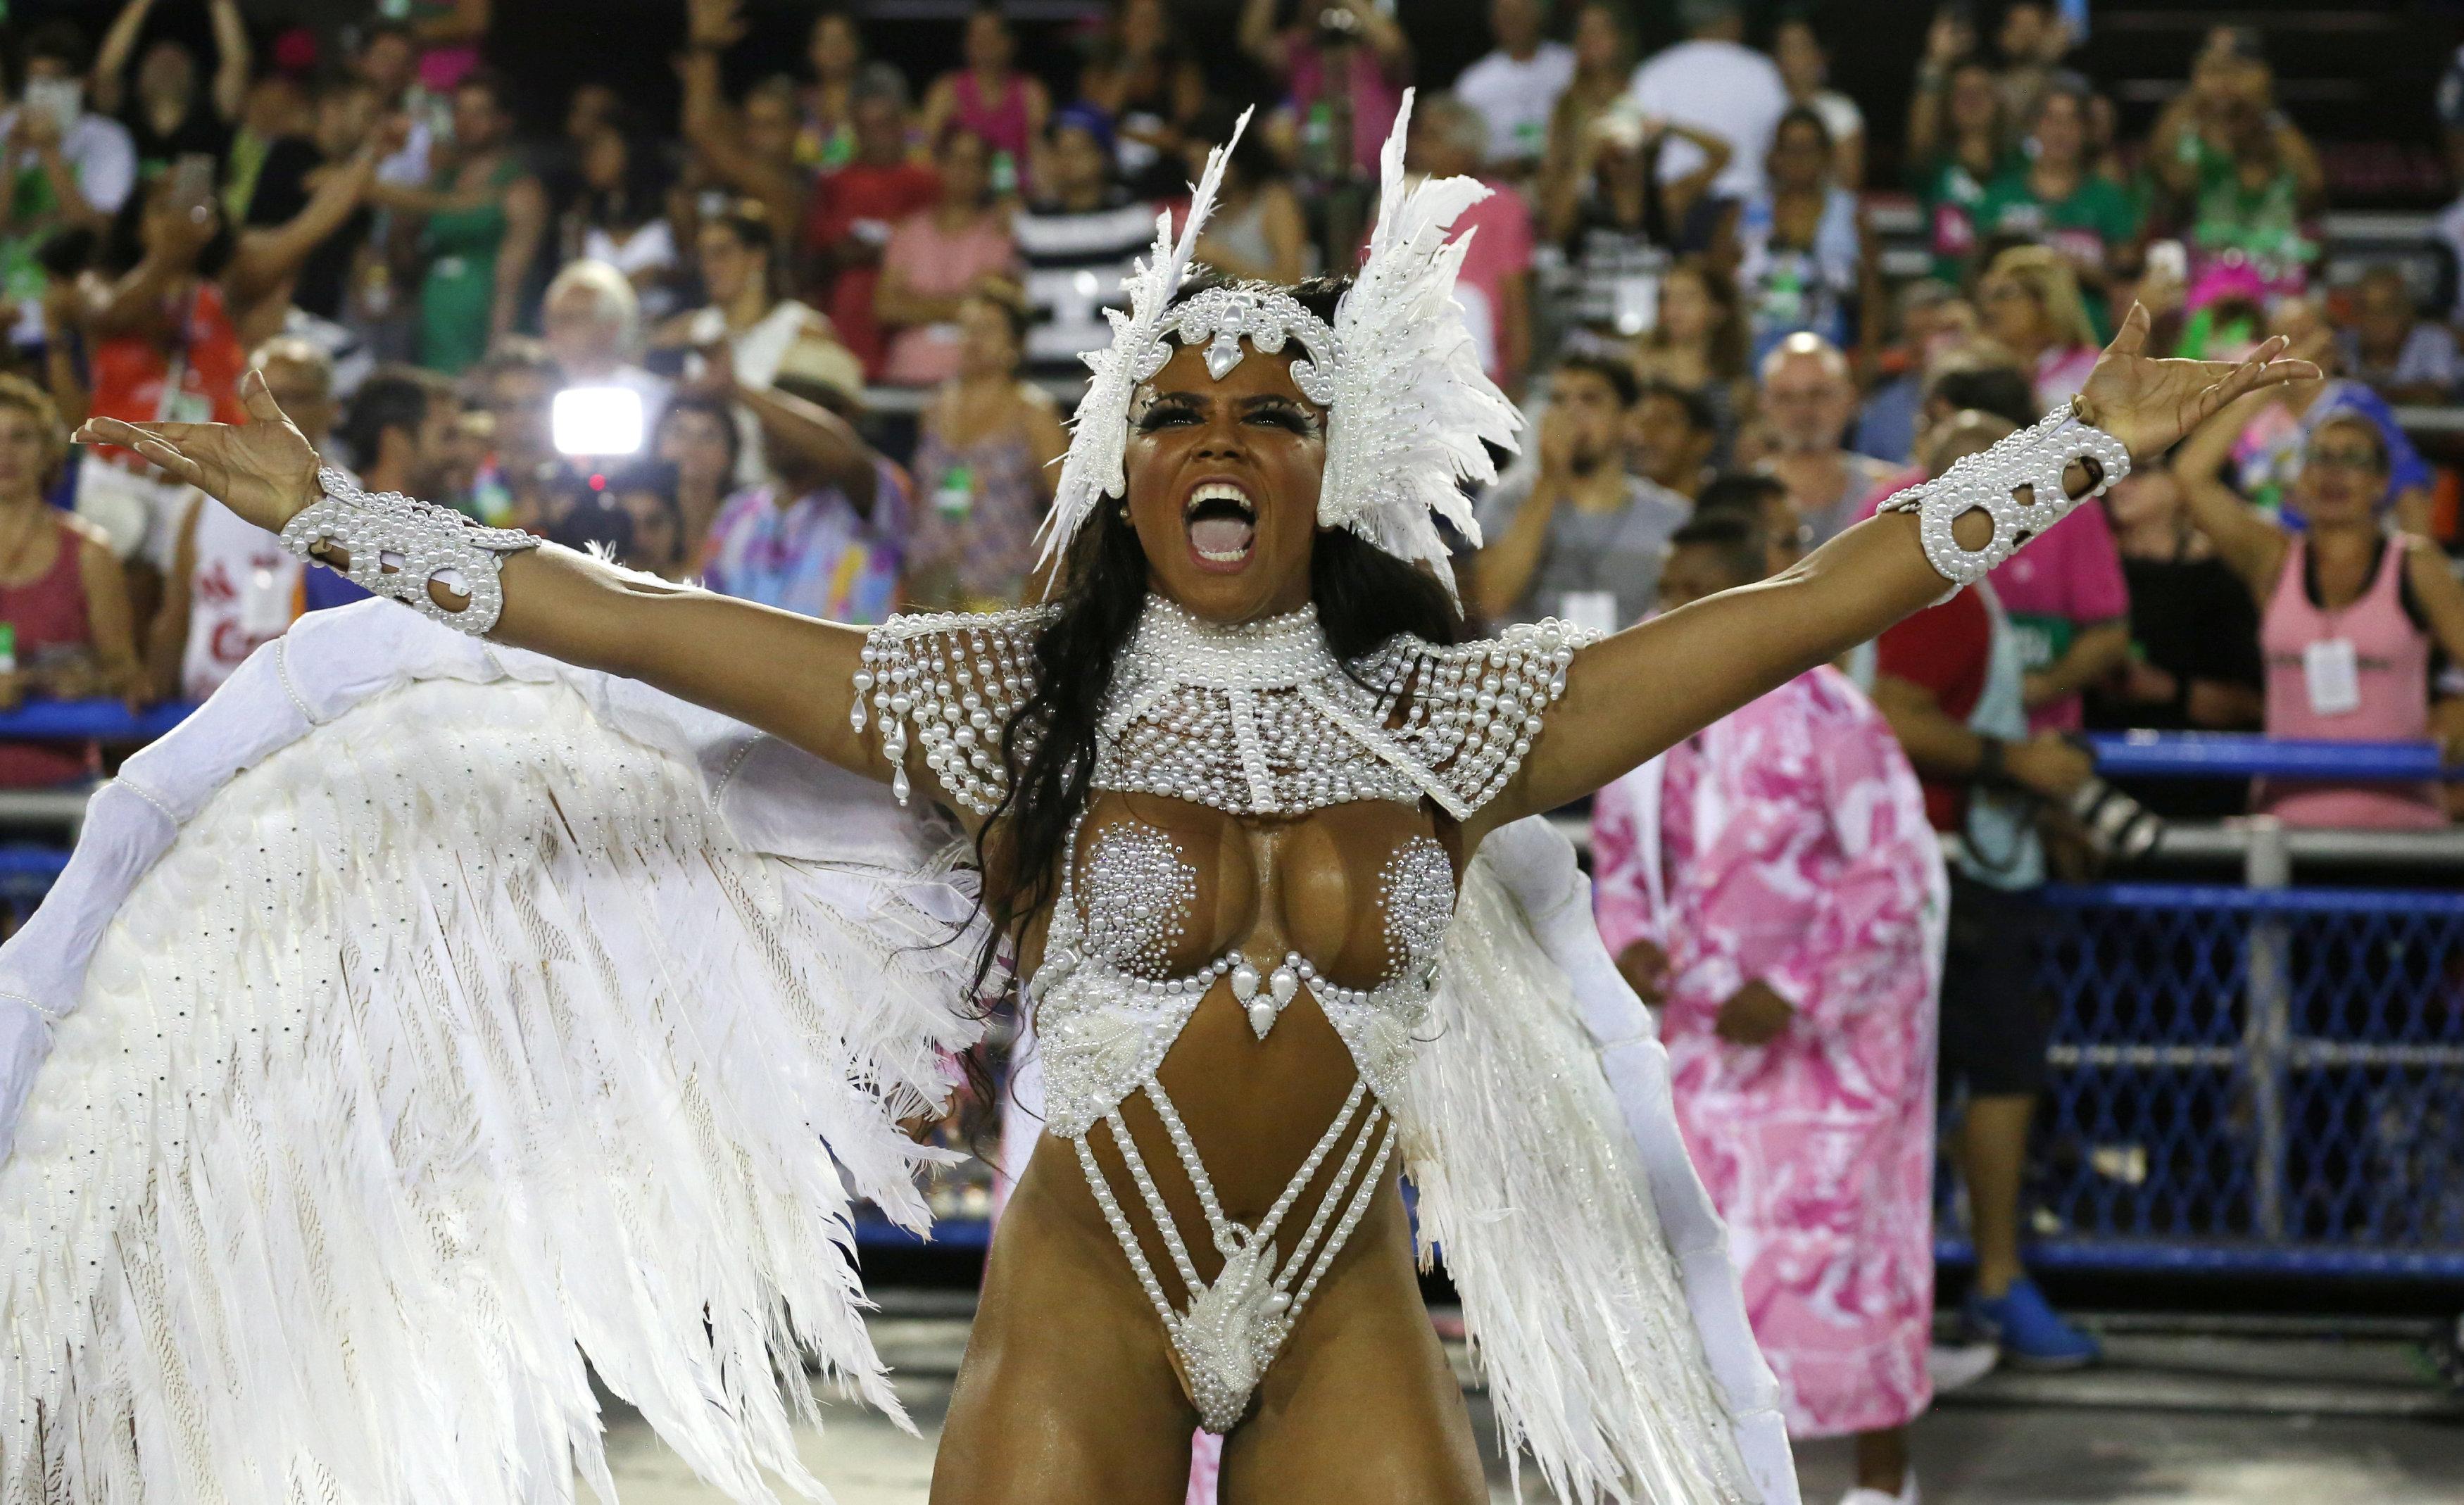 El atuendo más porno del Carnaval de Río lo tenía puesto